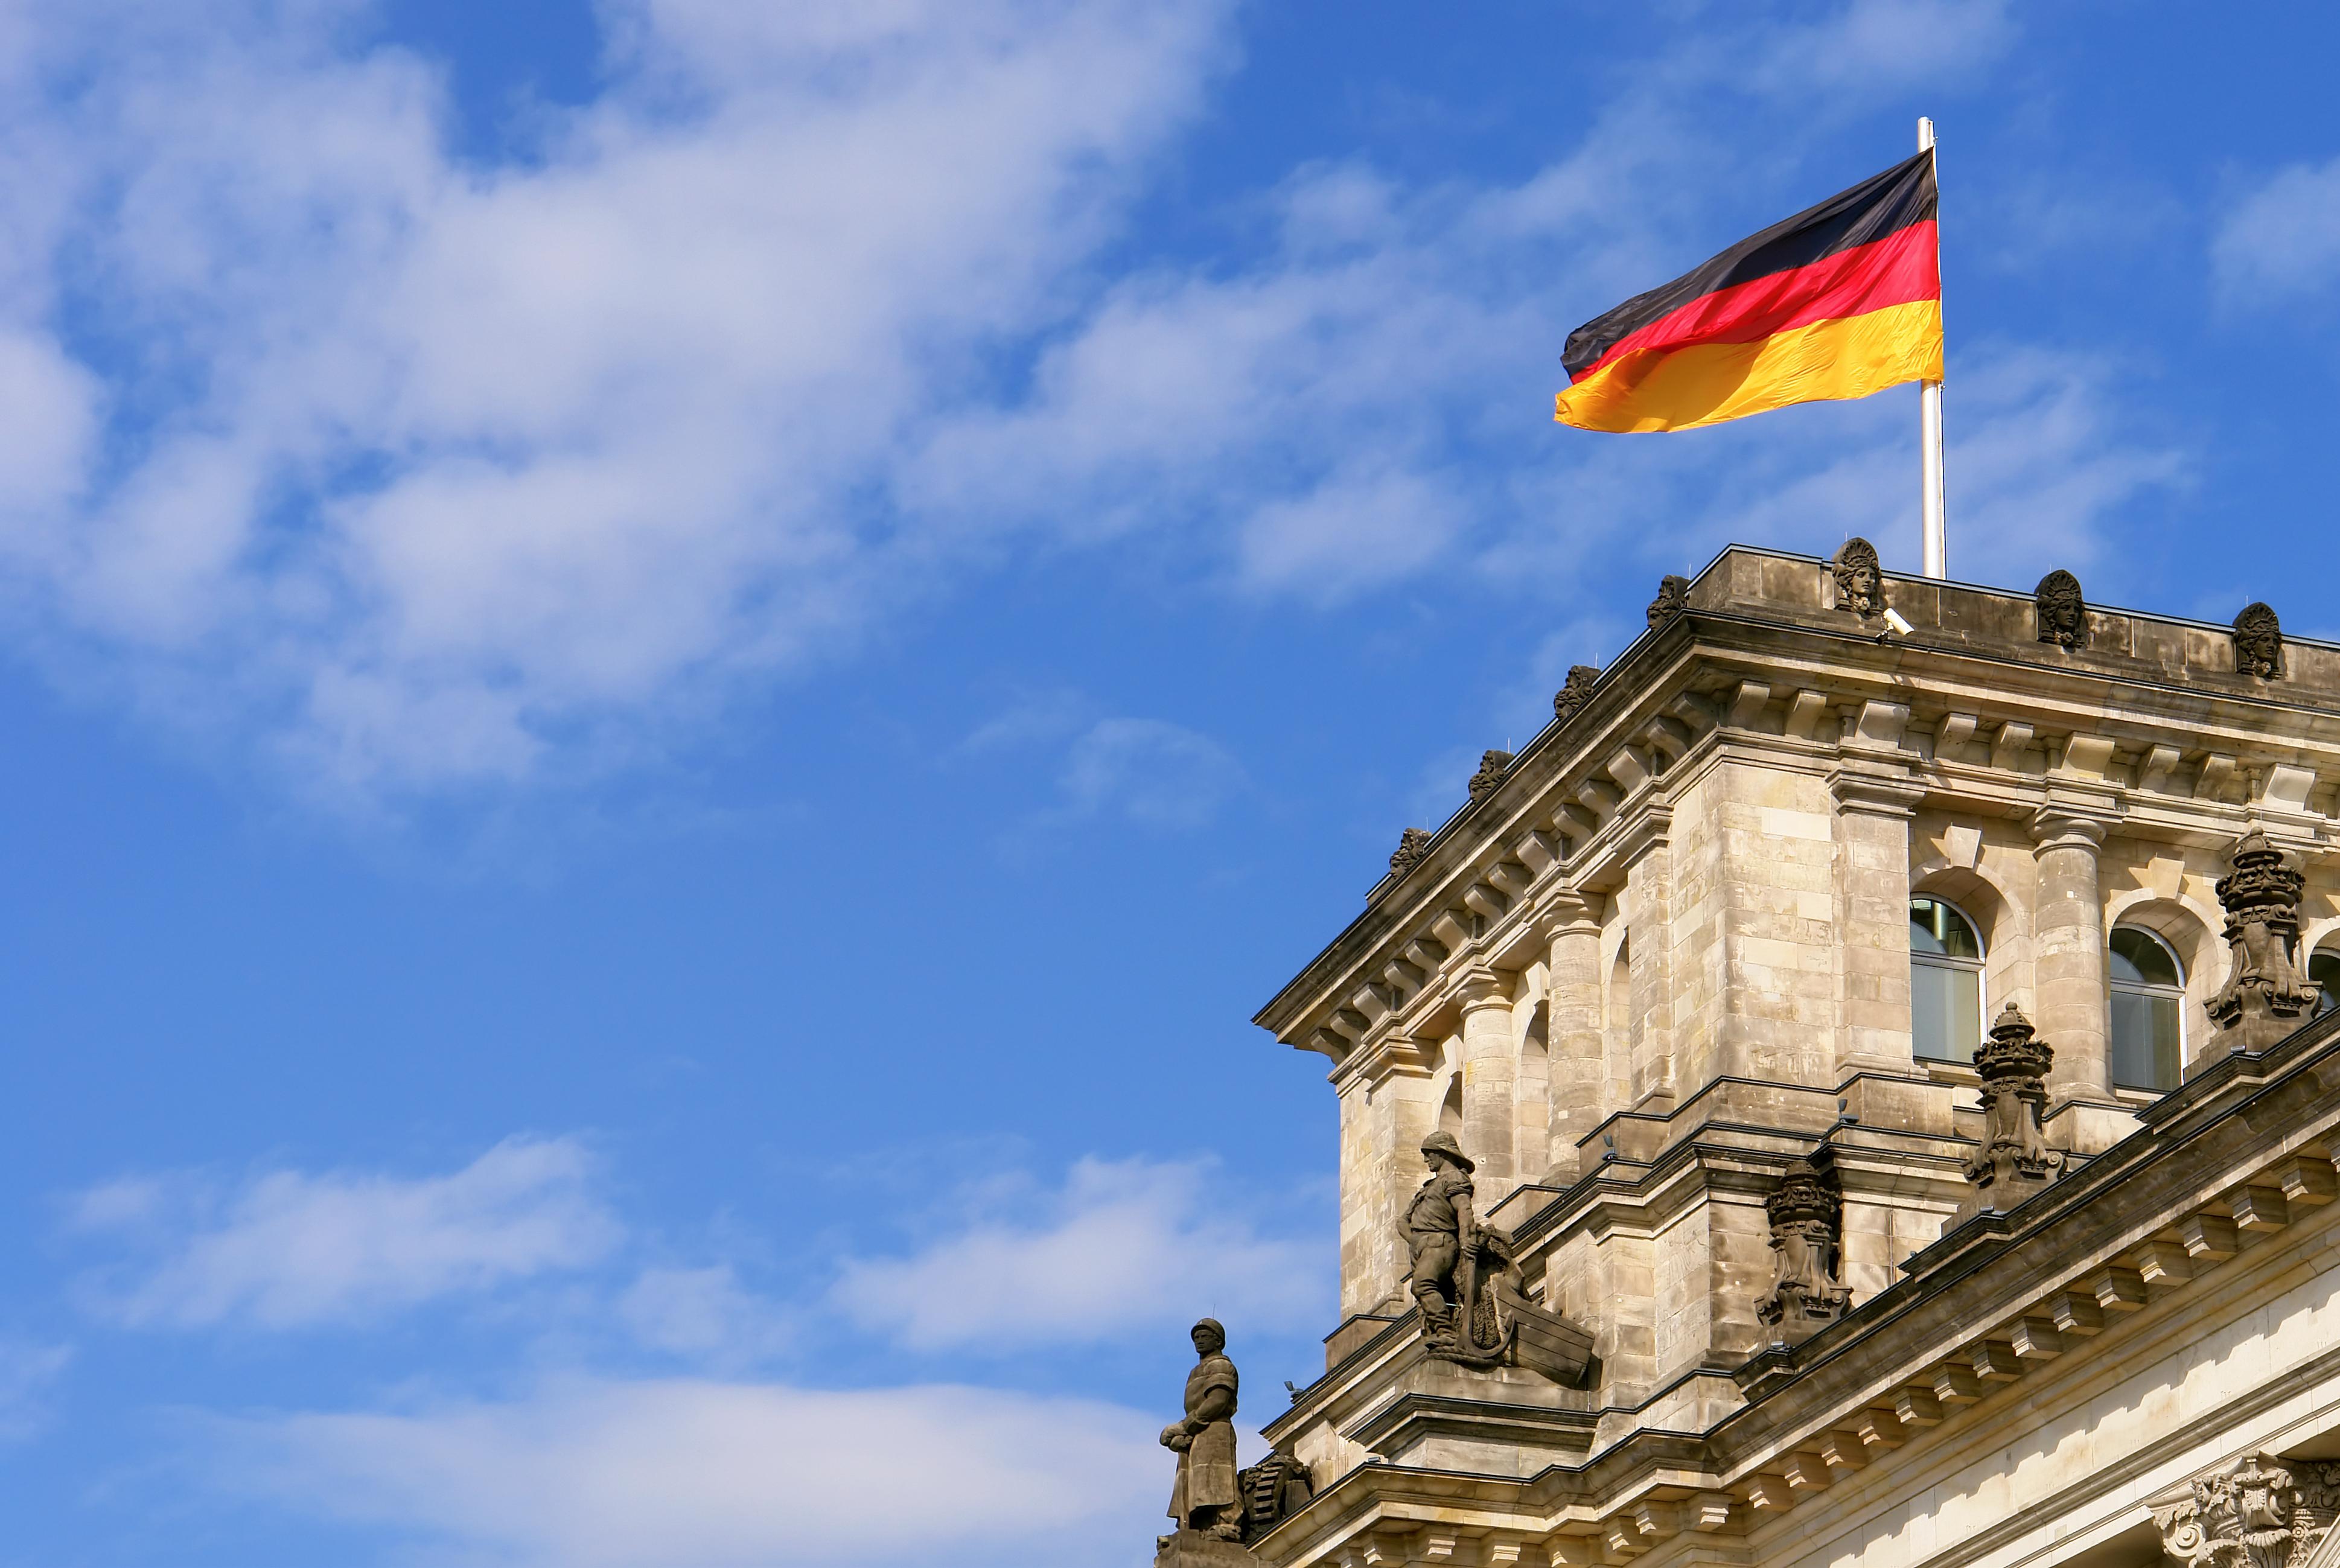 МИД ФРГ выразил солидарность с французами после теракта в Ницце